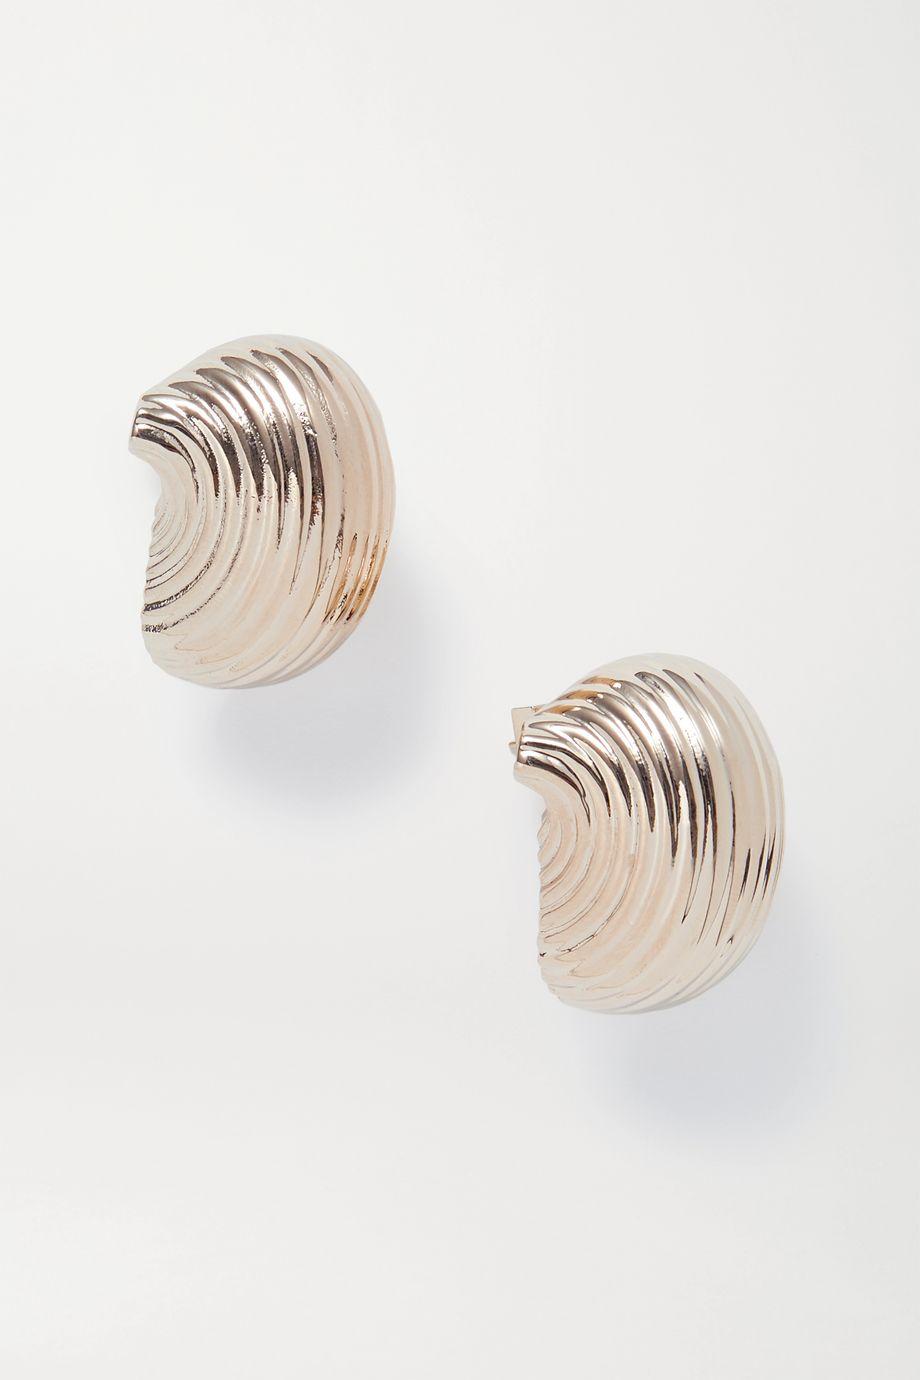 Jacquemus Les Pates gold-tone earrings